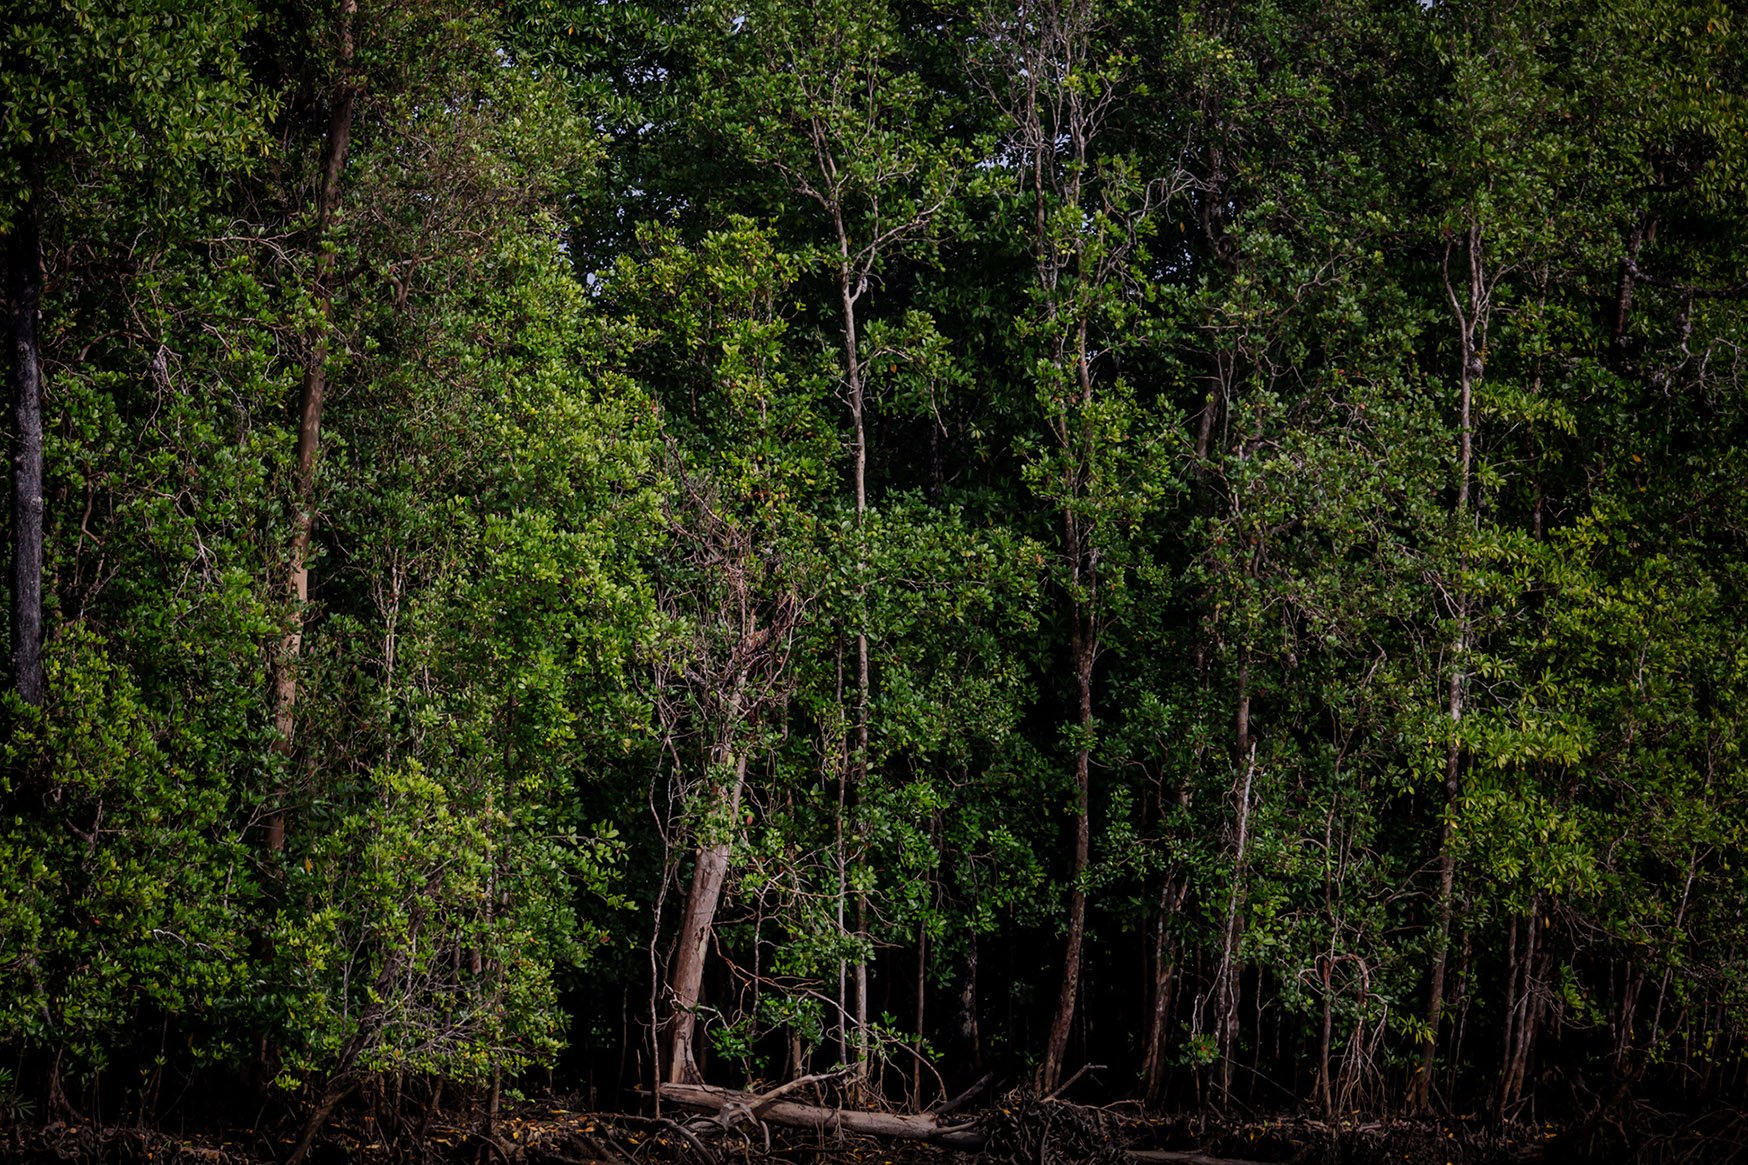 Hutan bakau di wilayah hutan adat Suku Moi di Distrik Segun, Kabupaten Sorong, Papua Barat, Selasa, (21/9/2021).\r\nSeluas 15.000 hektare hutan adat masyarakat terancam tergusur dengan indutri perkebunan kelapa sawit.